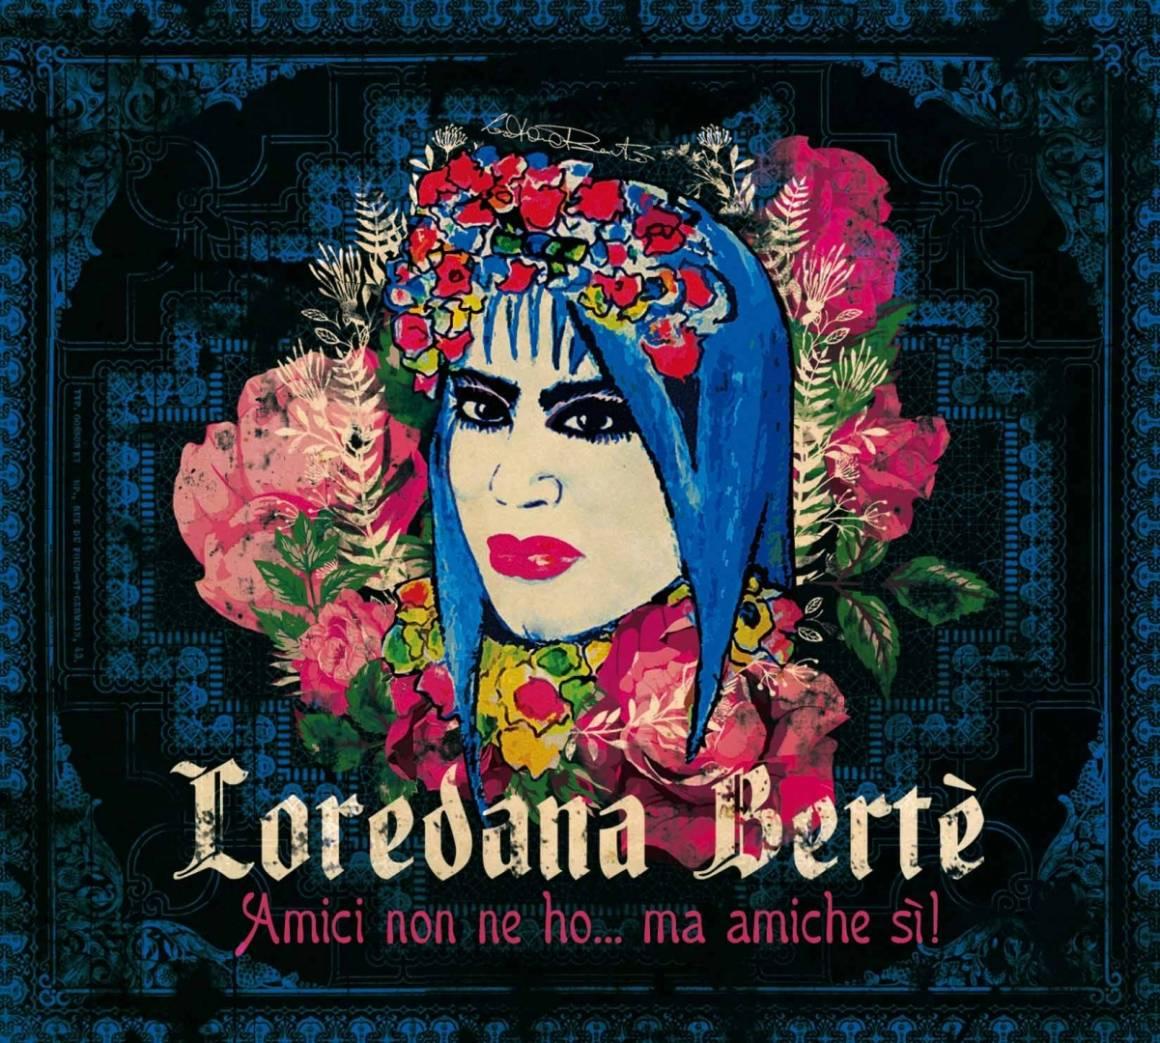 I migliori dischi di Loredana Berte autografati su Amazon 1160x1043 - I migliori dischi di Loredana Bertè autografati su Amazon